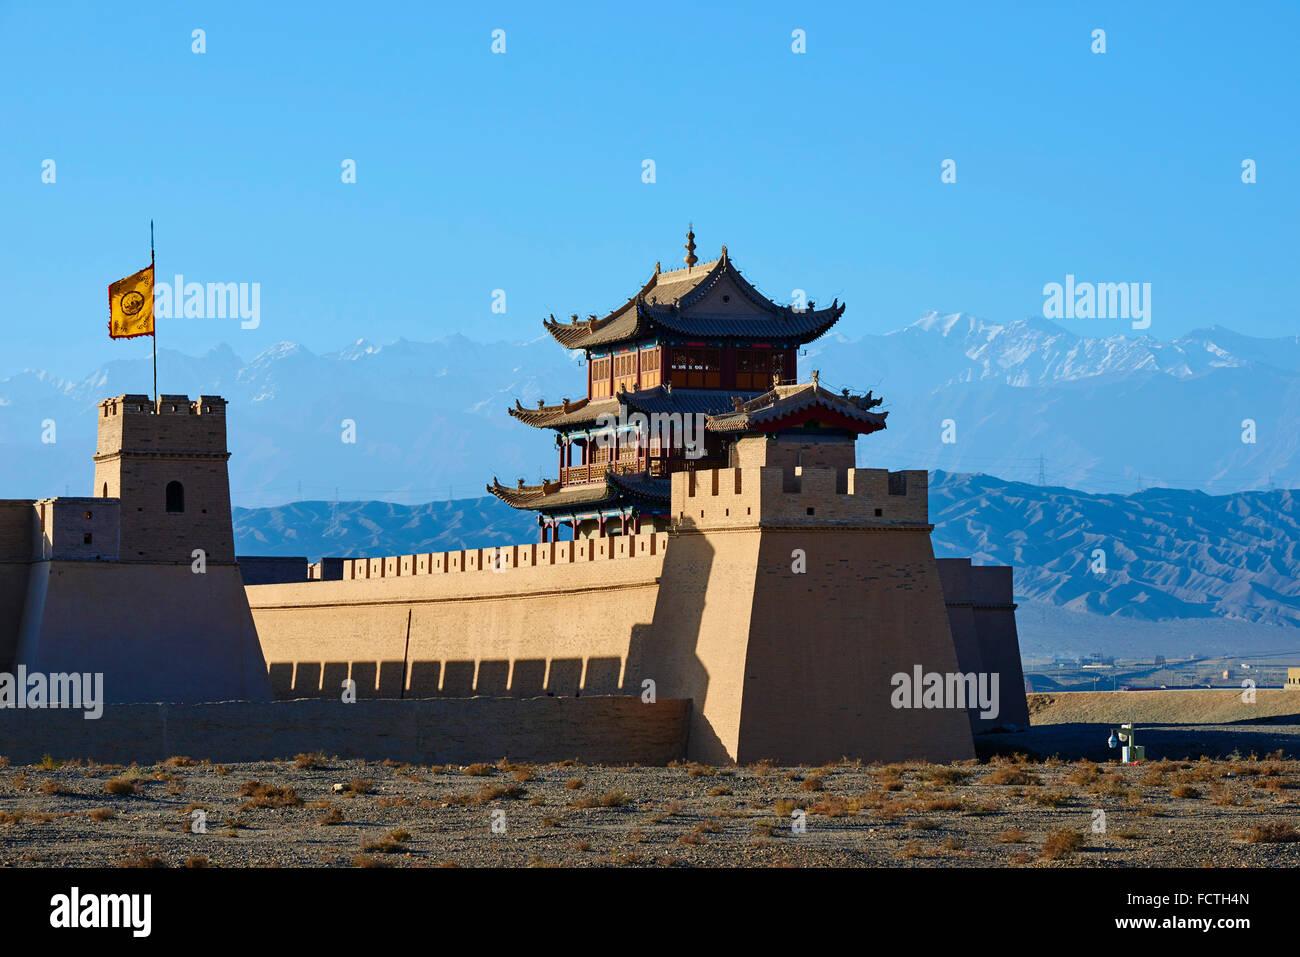 China, provincia de Gansu, Jiayuguan, la fortaleza en el extremo occidental de la gran muralla, Patrimonio Mundial Imagen De Stock